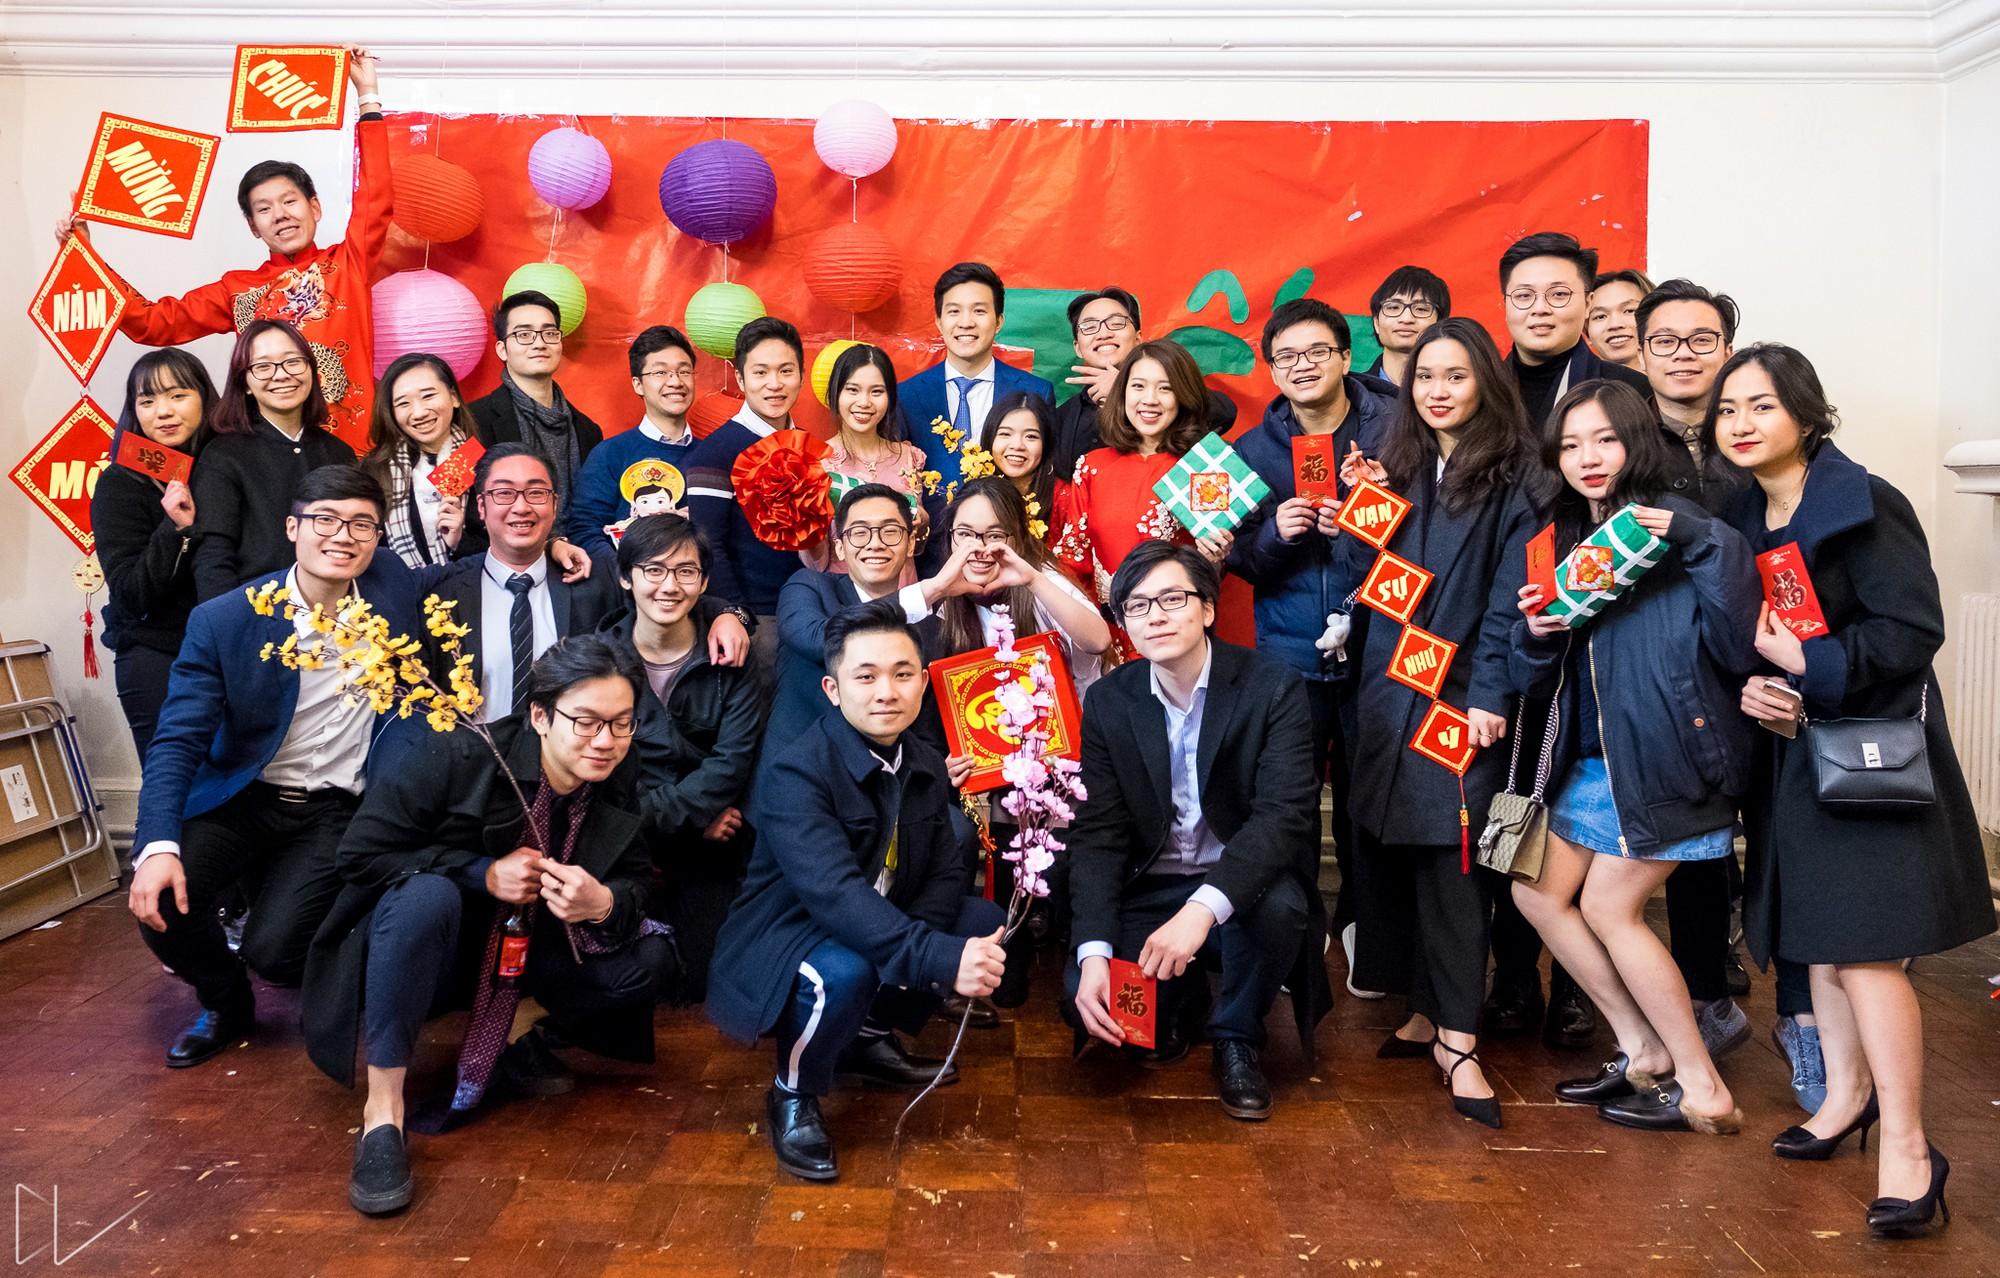 Trai xinh, gái đẹp nô nức tham gia chương trình Tết của du học sinh Việt tại Anh - Ảnh 1.